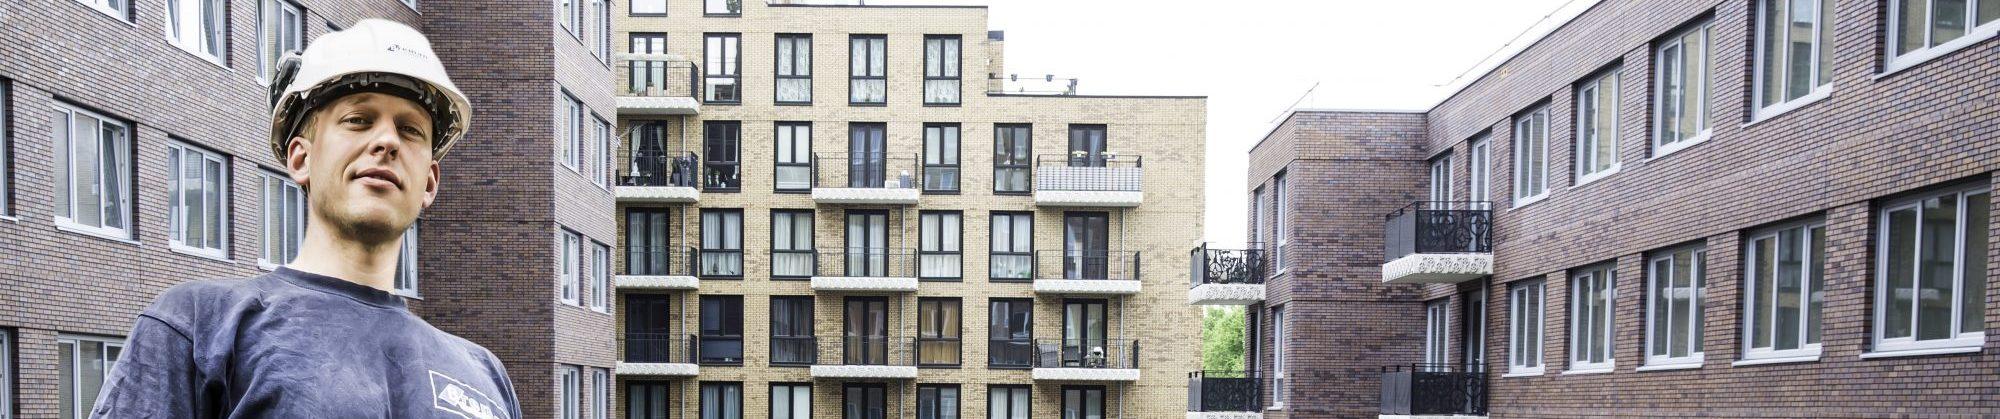 Klaas-Bies-vanuit-het-gebouw-Trefkoel-2_2000x419_acf_cropped